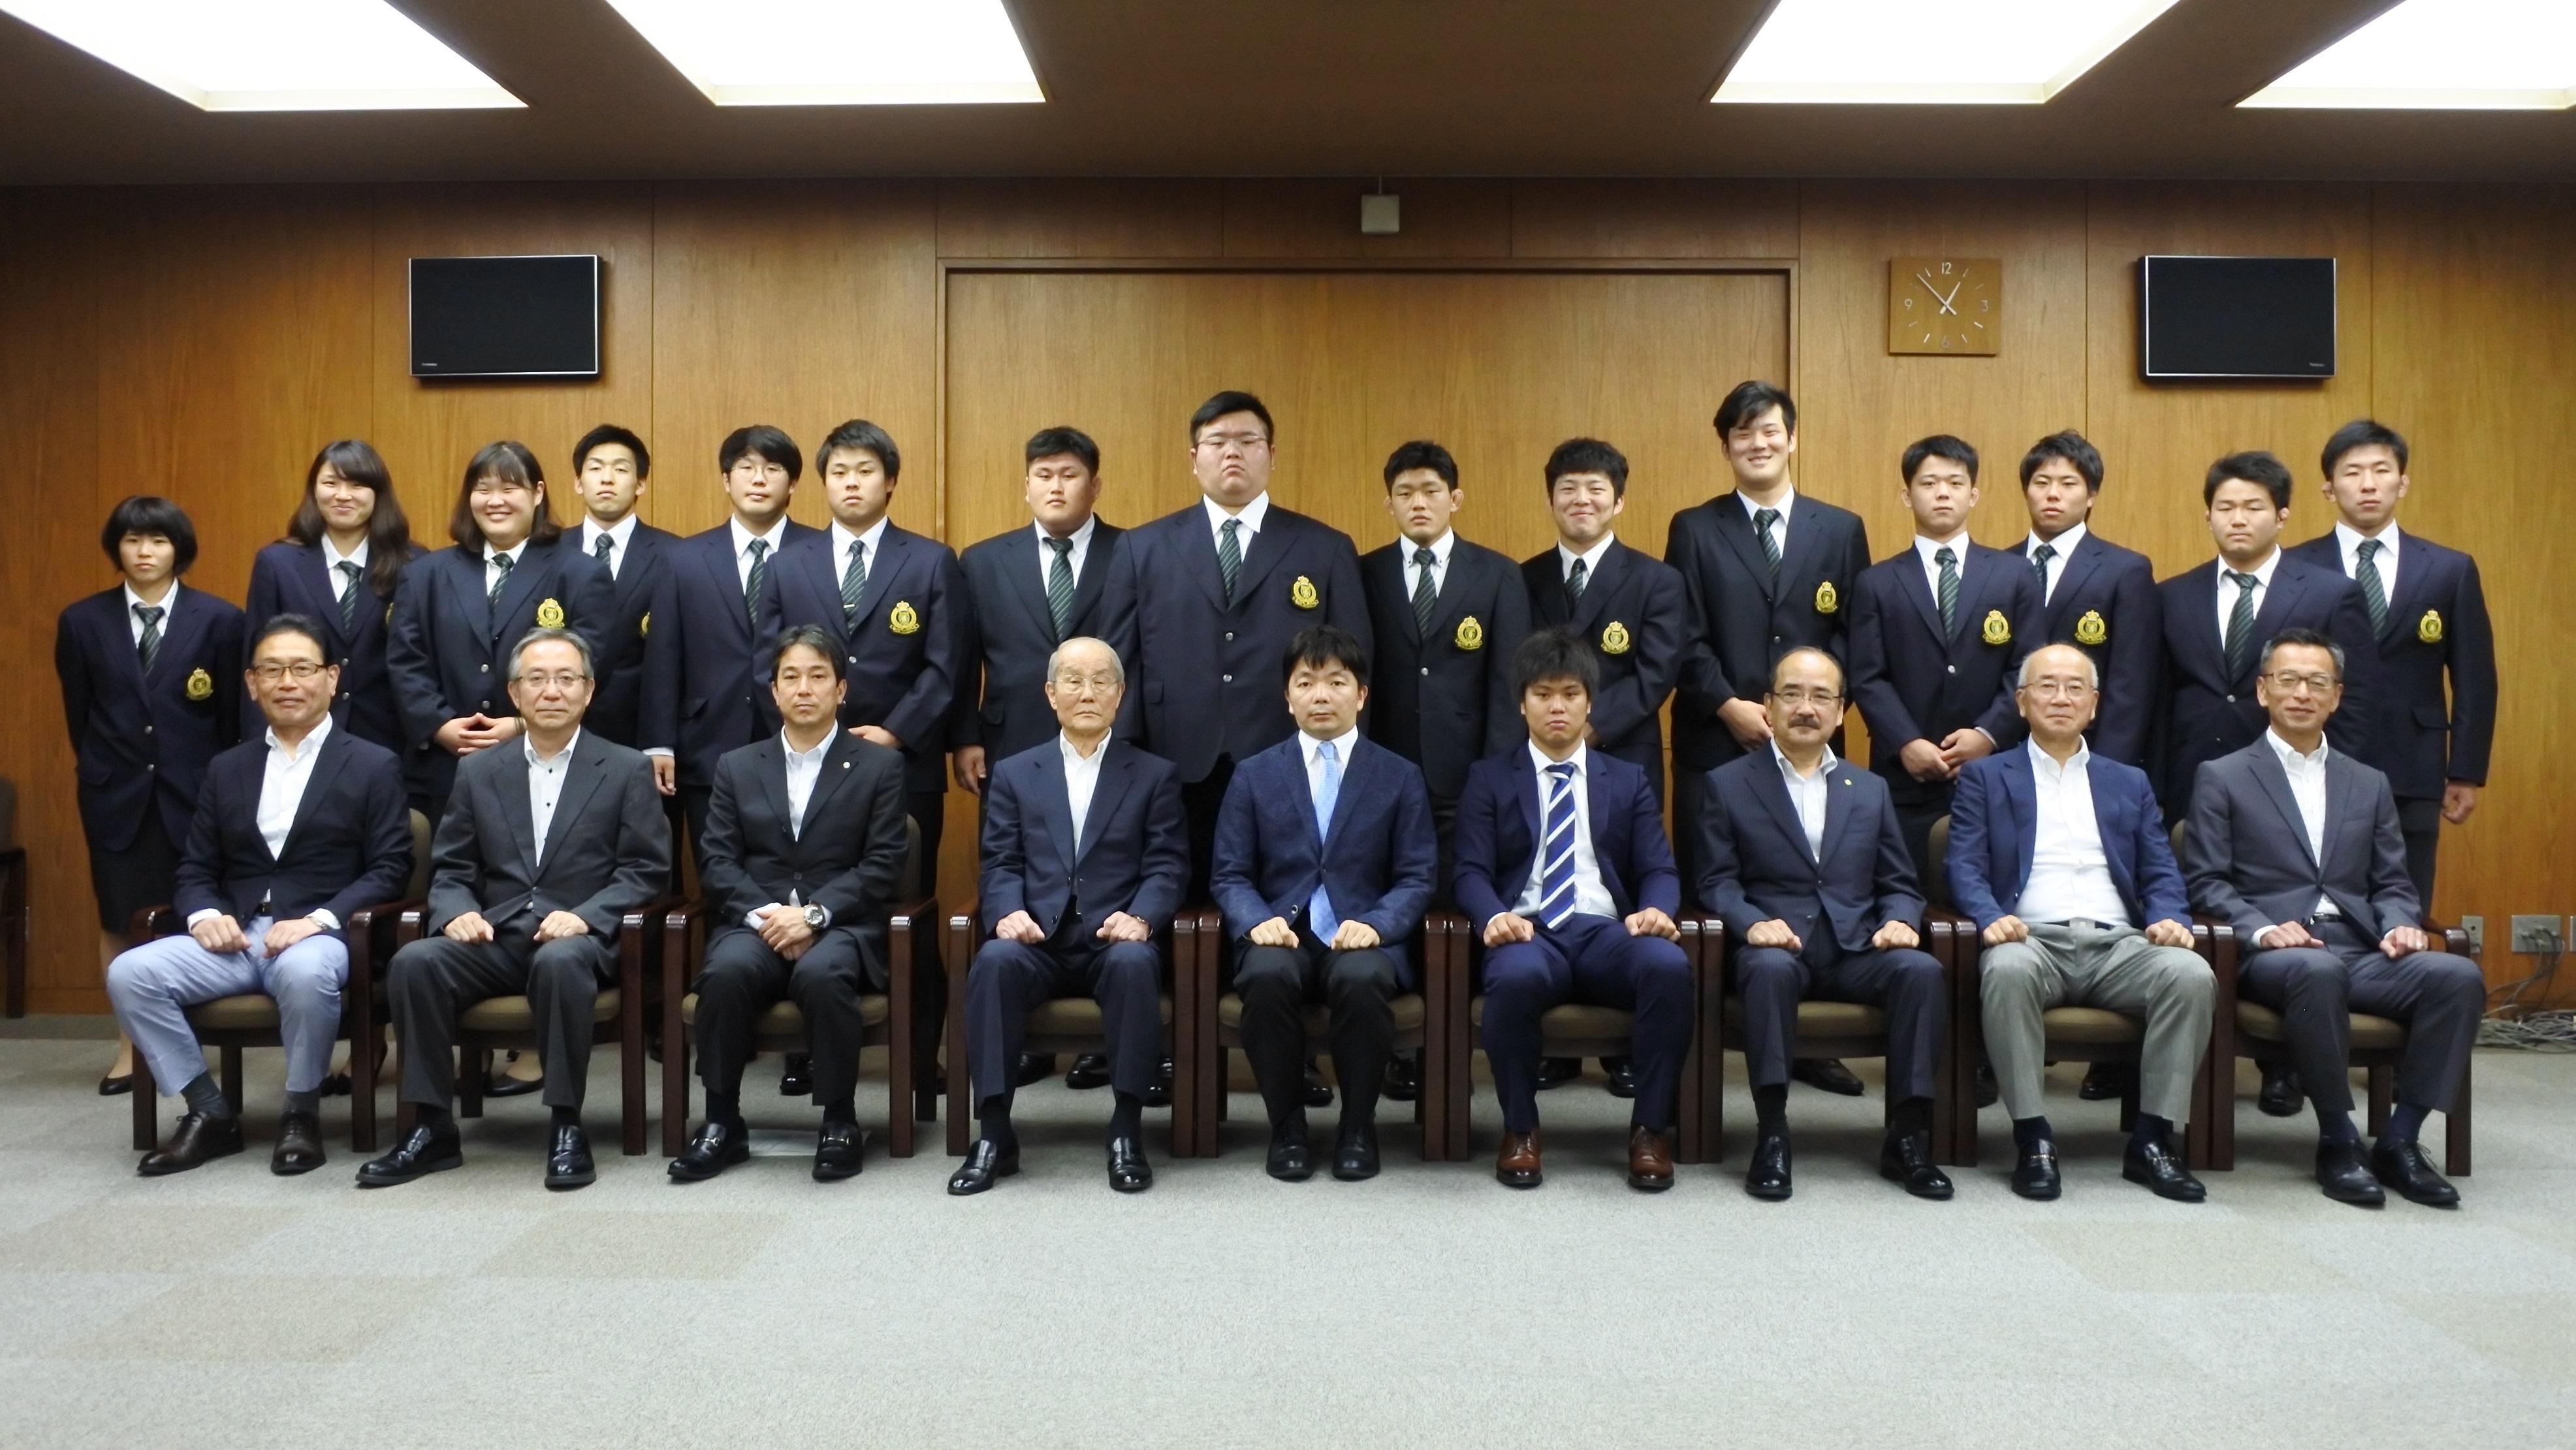 小笠原日出男理事長、吉久光一学長らと記念写真に納まる柔道部員ら